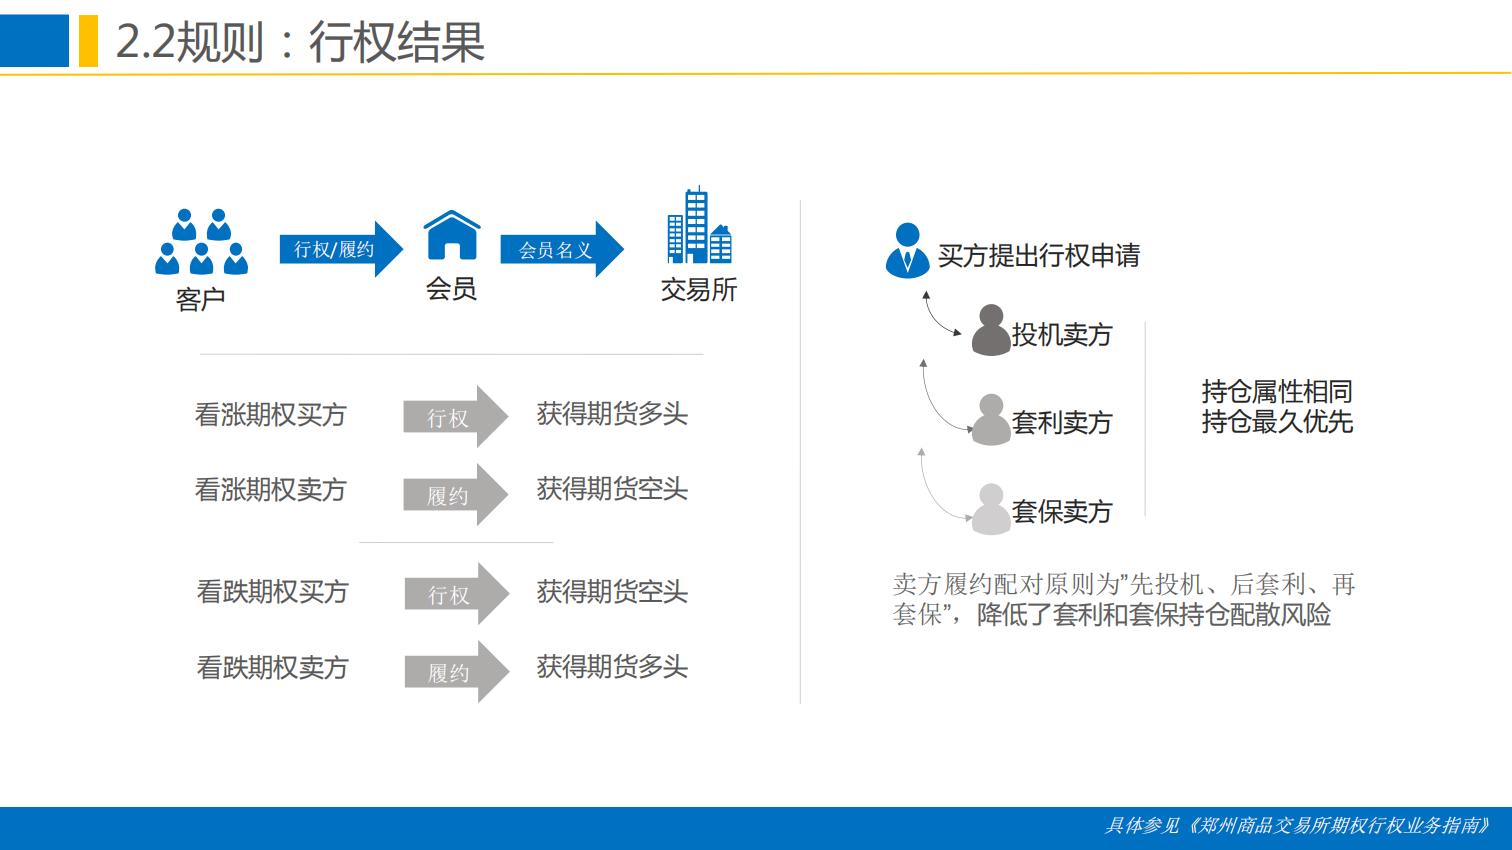 晨会:郑商所培训分享-棉花期权合约规则与上市工作安排0111.pdfx_22.png